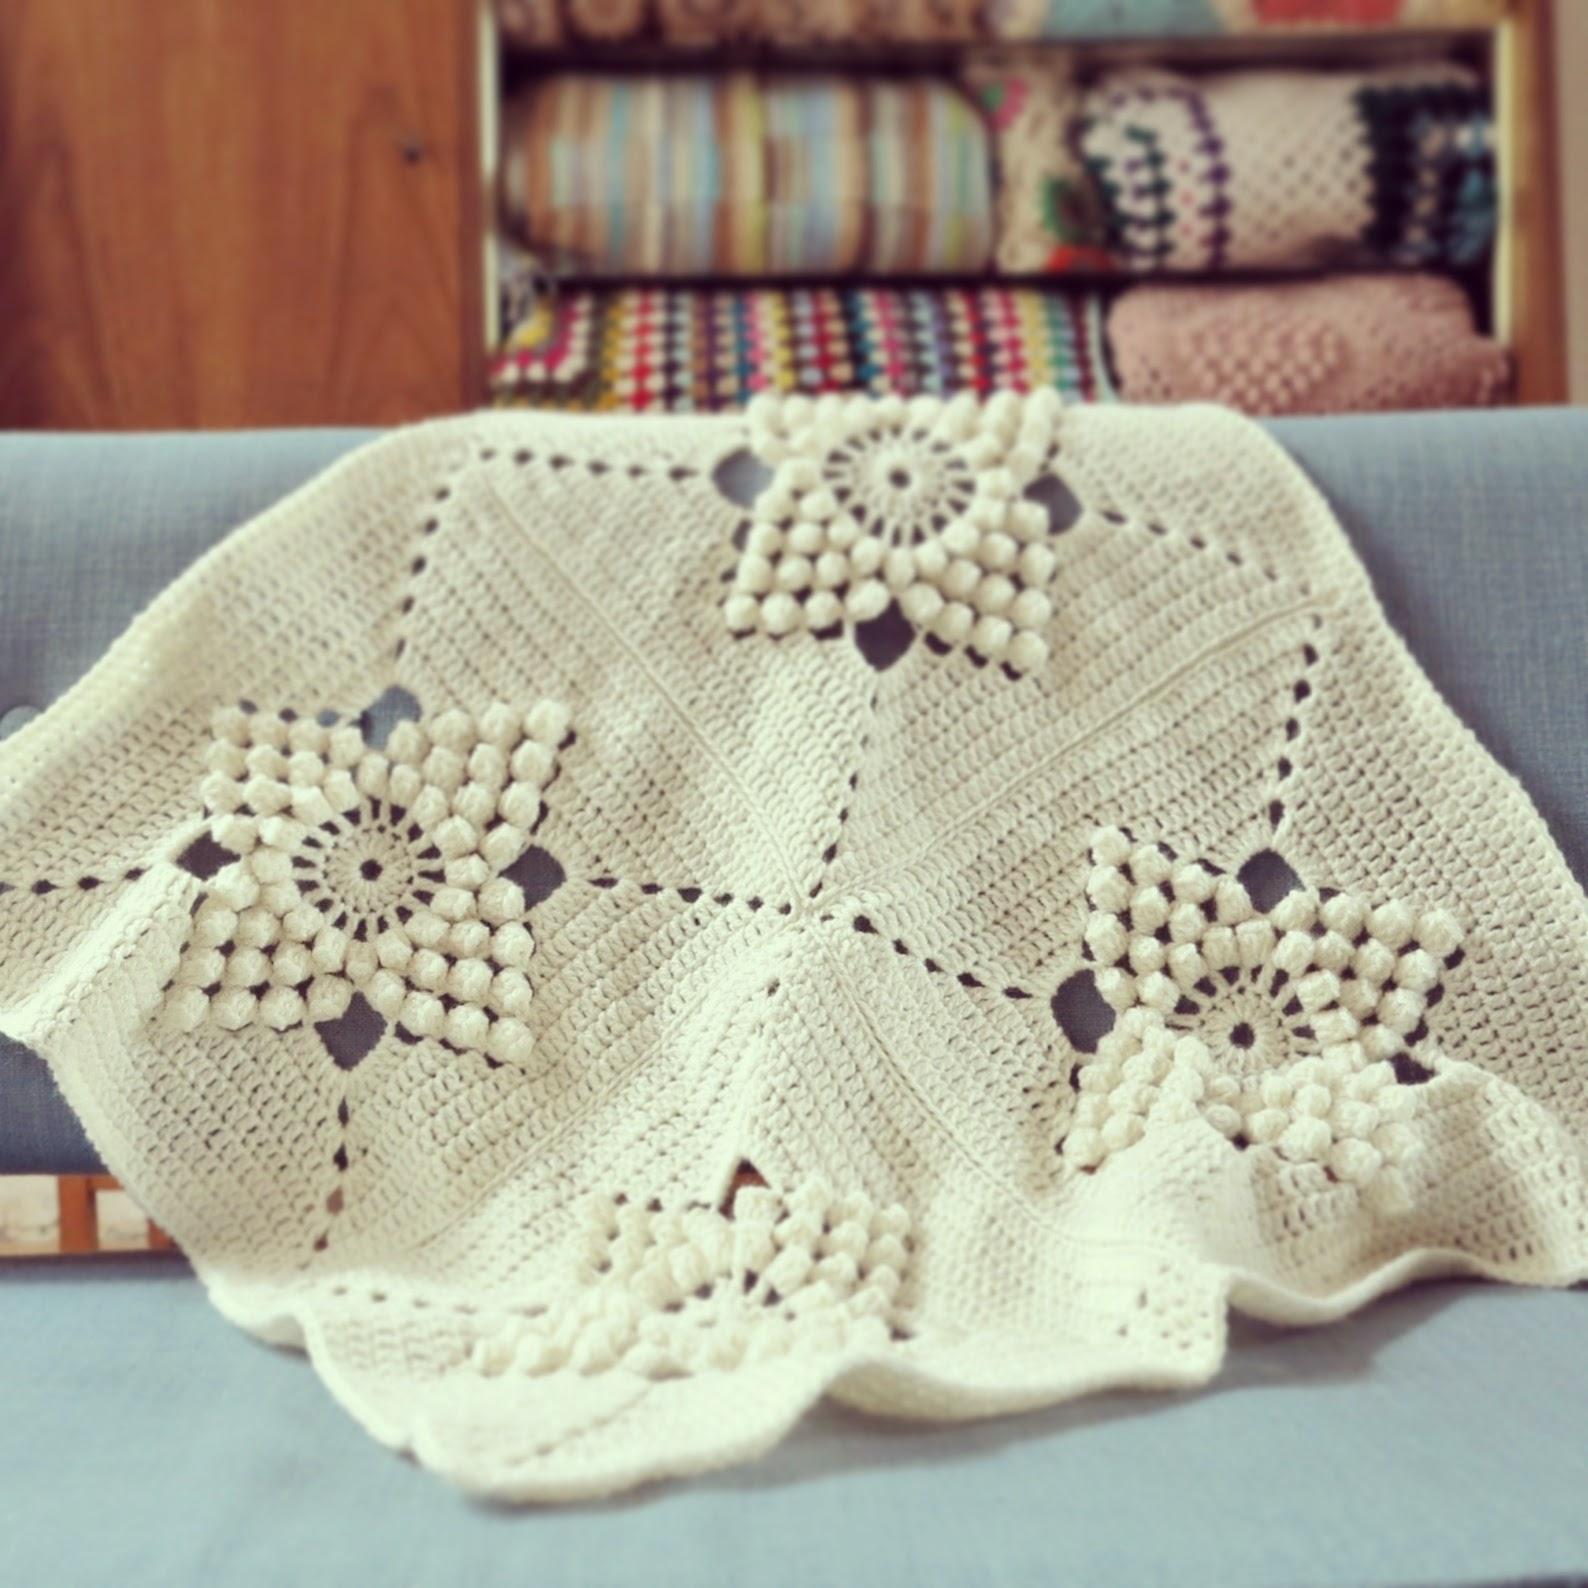 ByHaafner * Crochet : Smitten. The Pattern